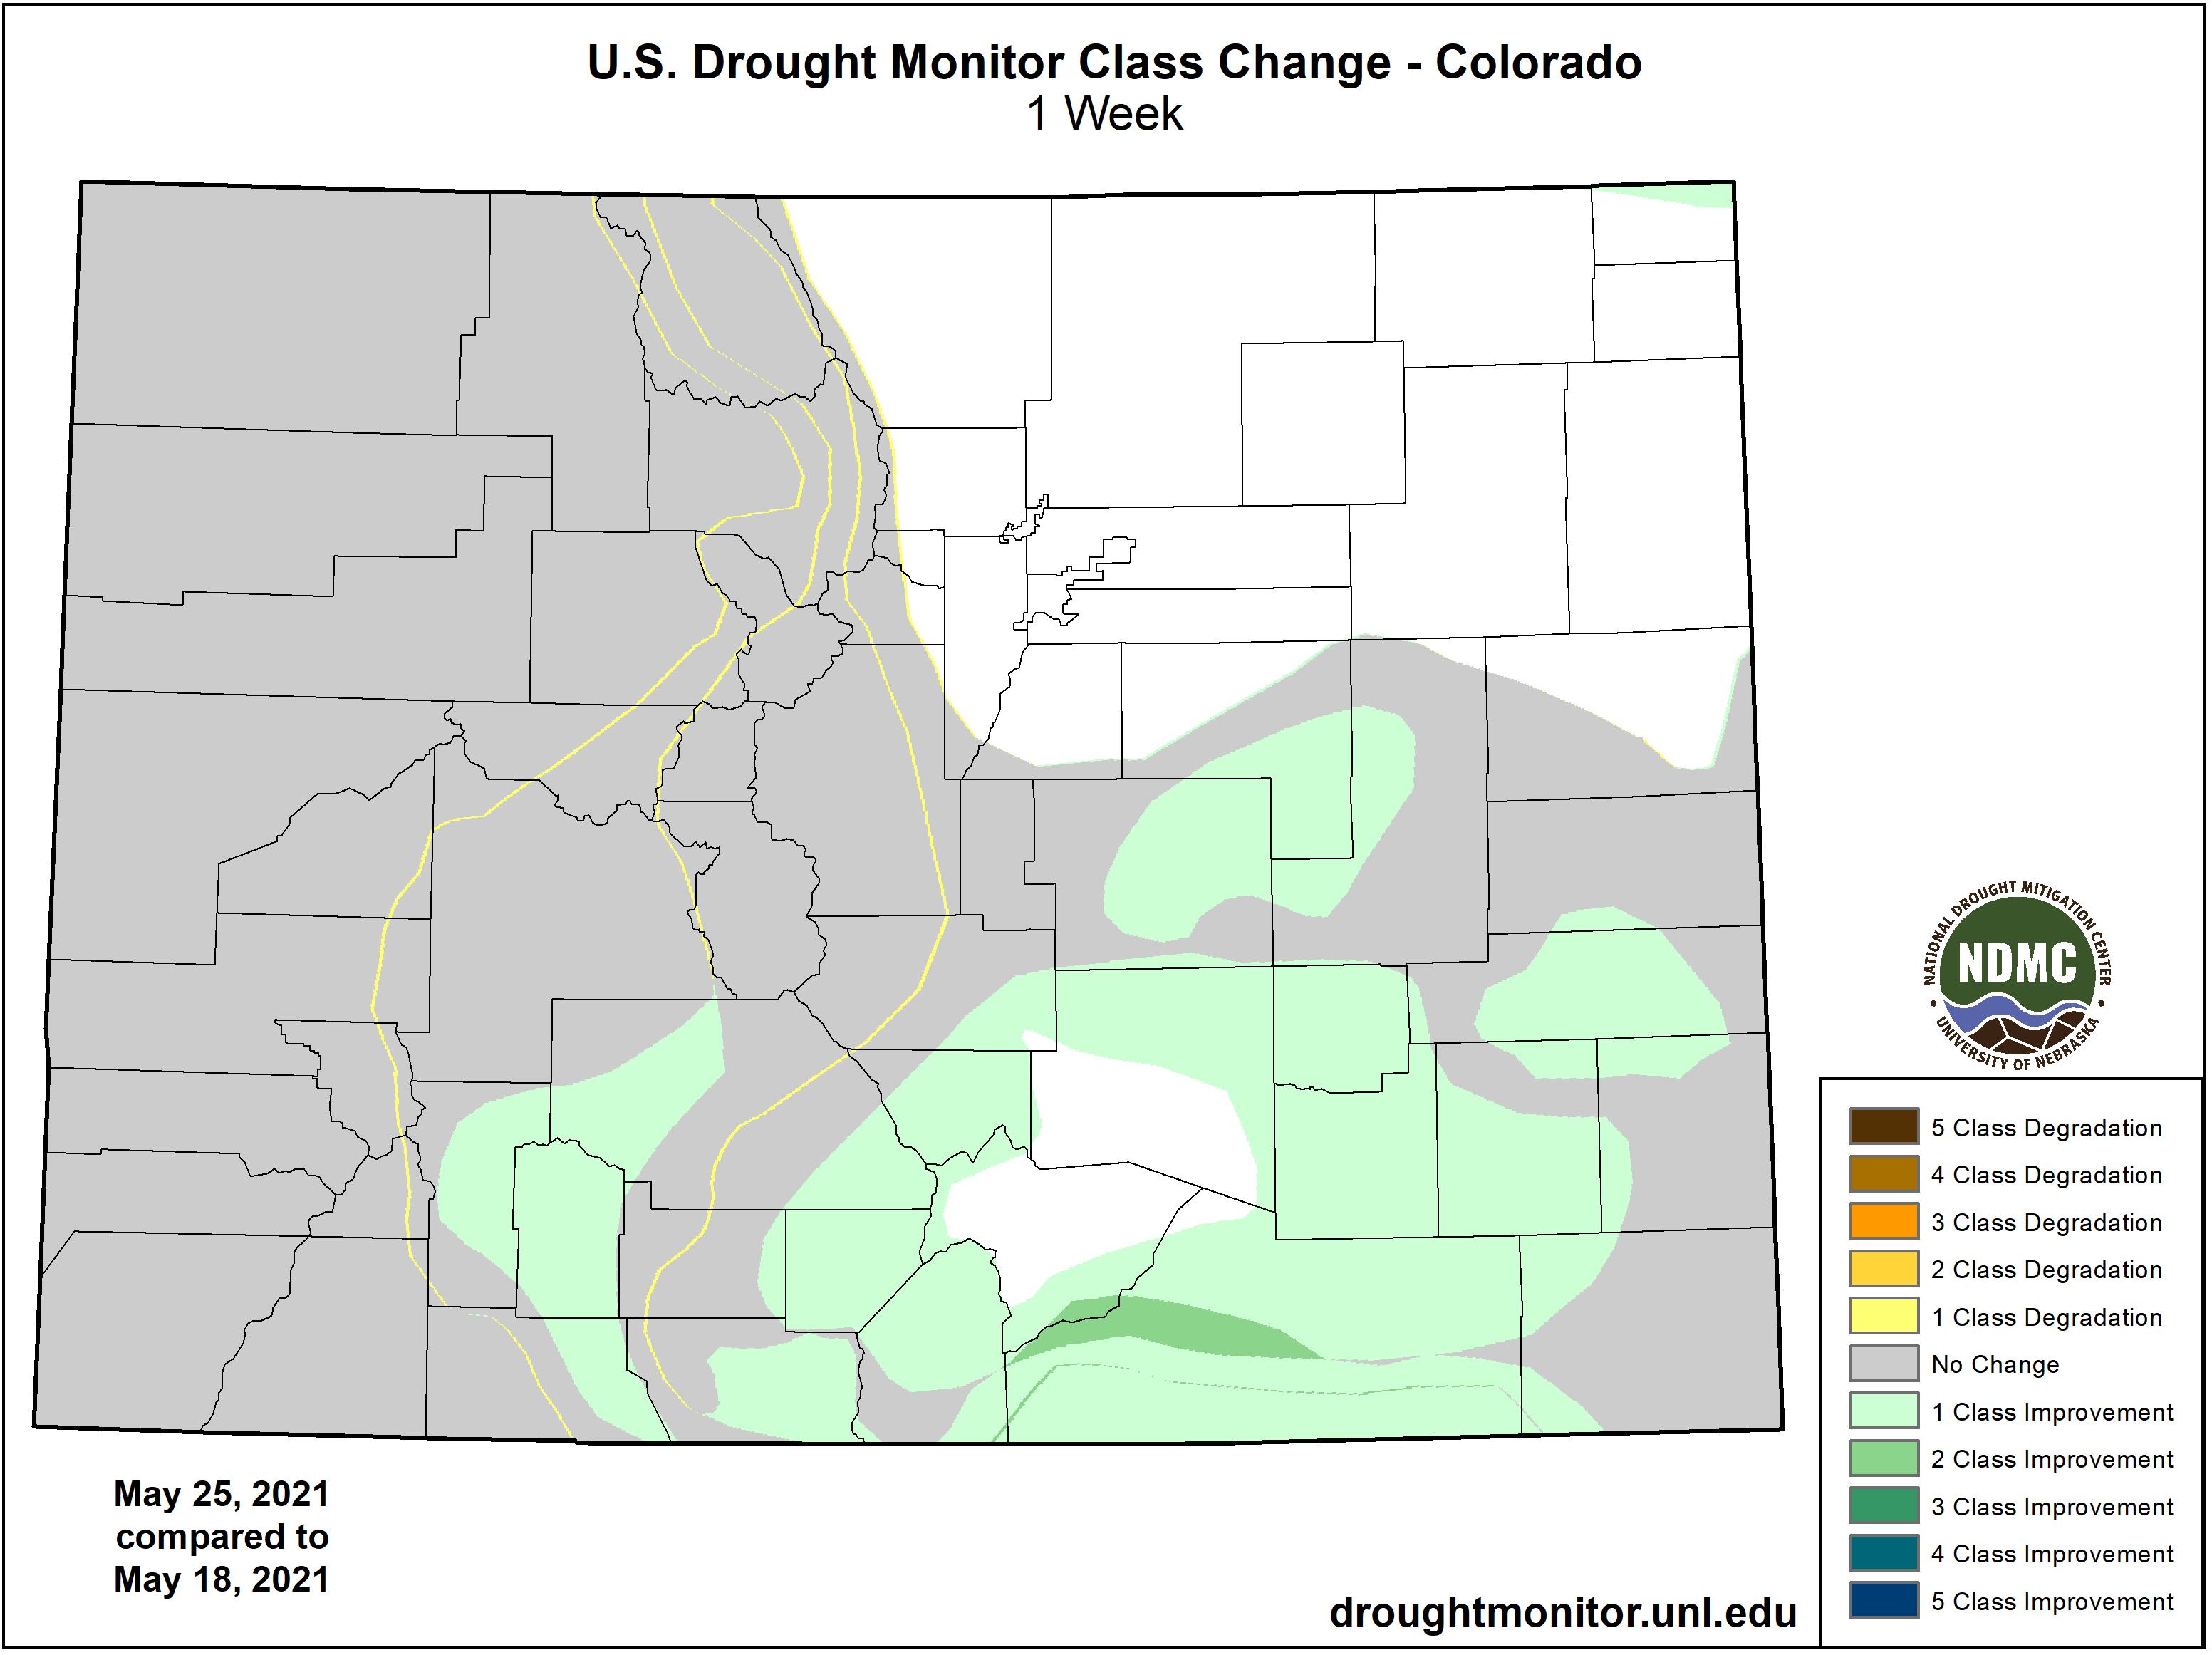 MAP Drought change between May 18 and May 25, 2021 - NDMC